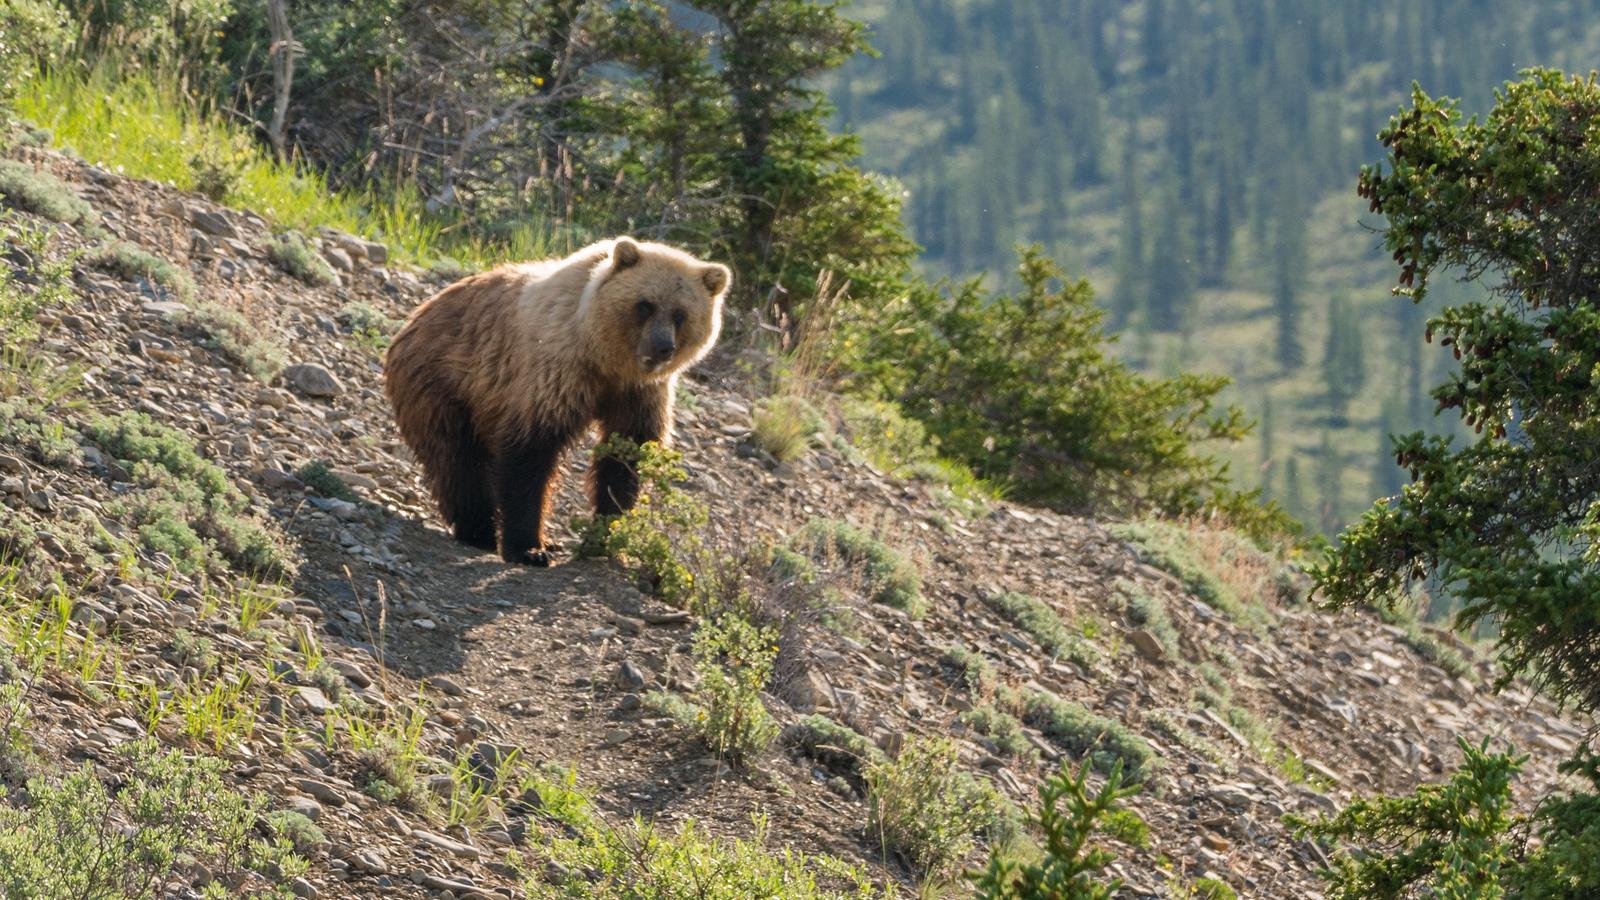 grizzly-bear-yukon-canada-1